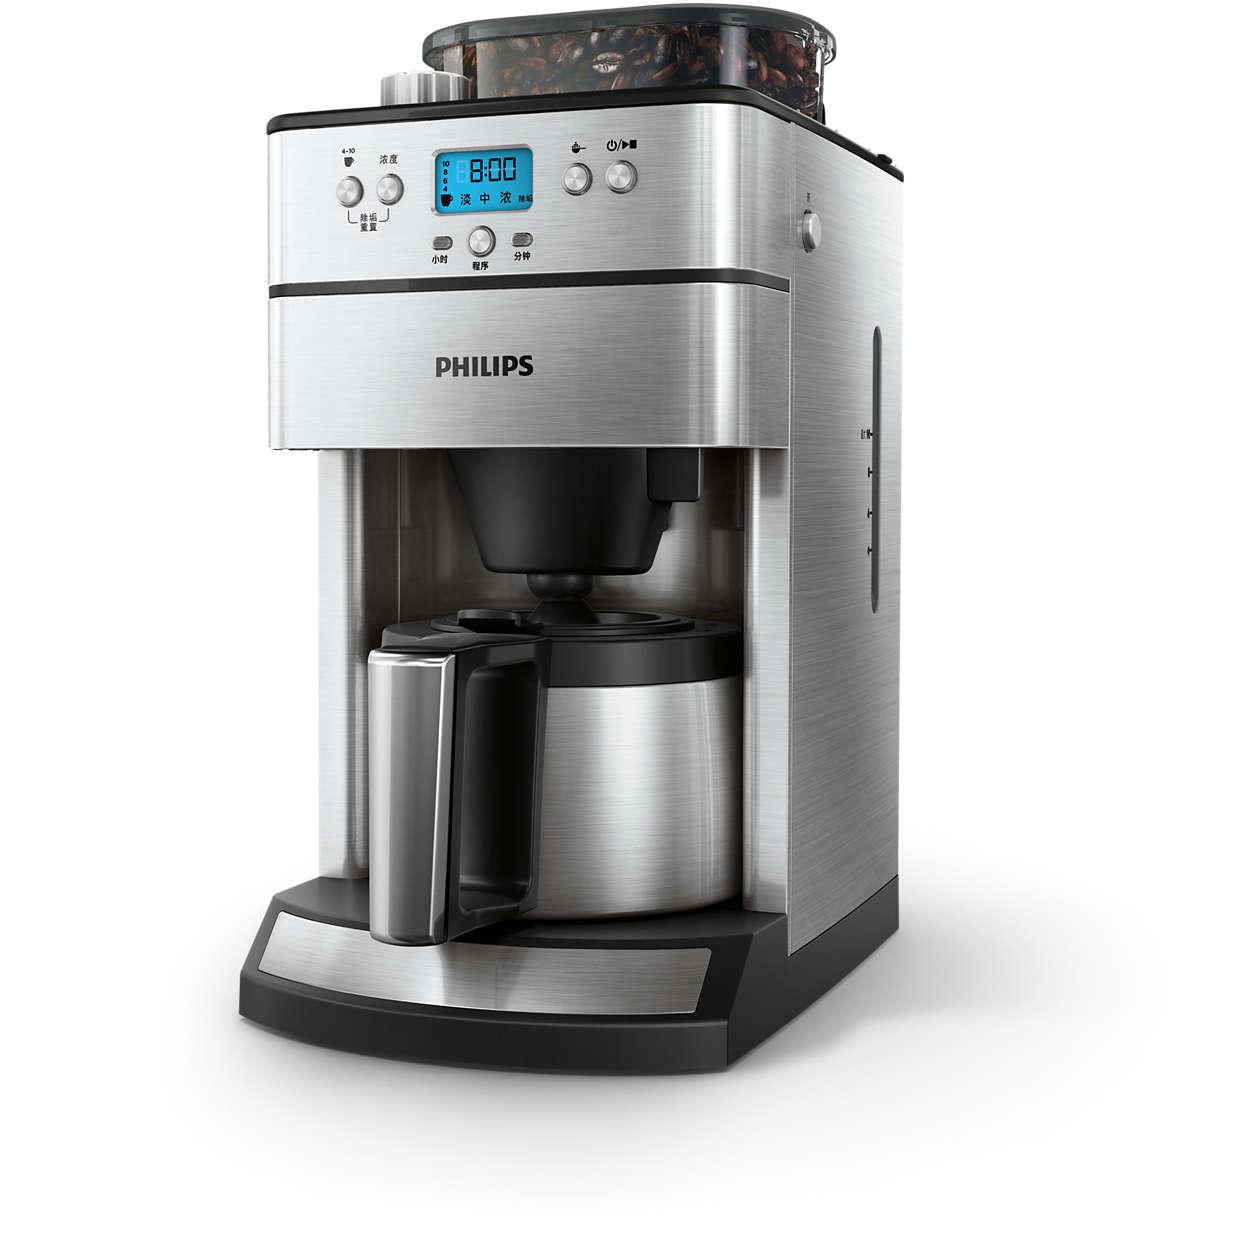 Hyvä kahvi syntyy vastajauhetuista pavuista